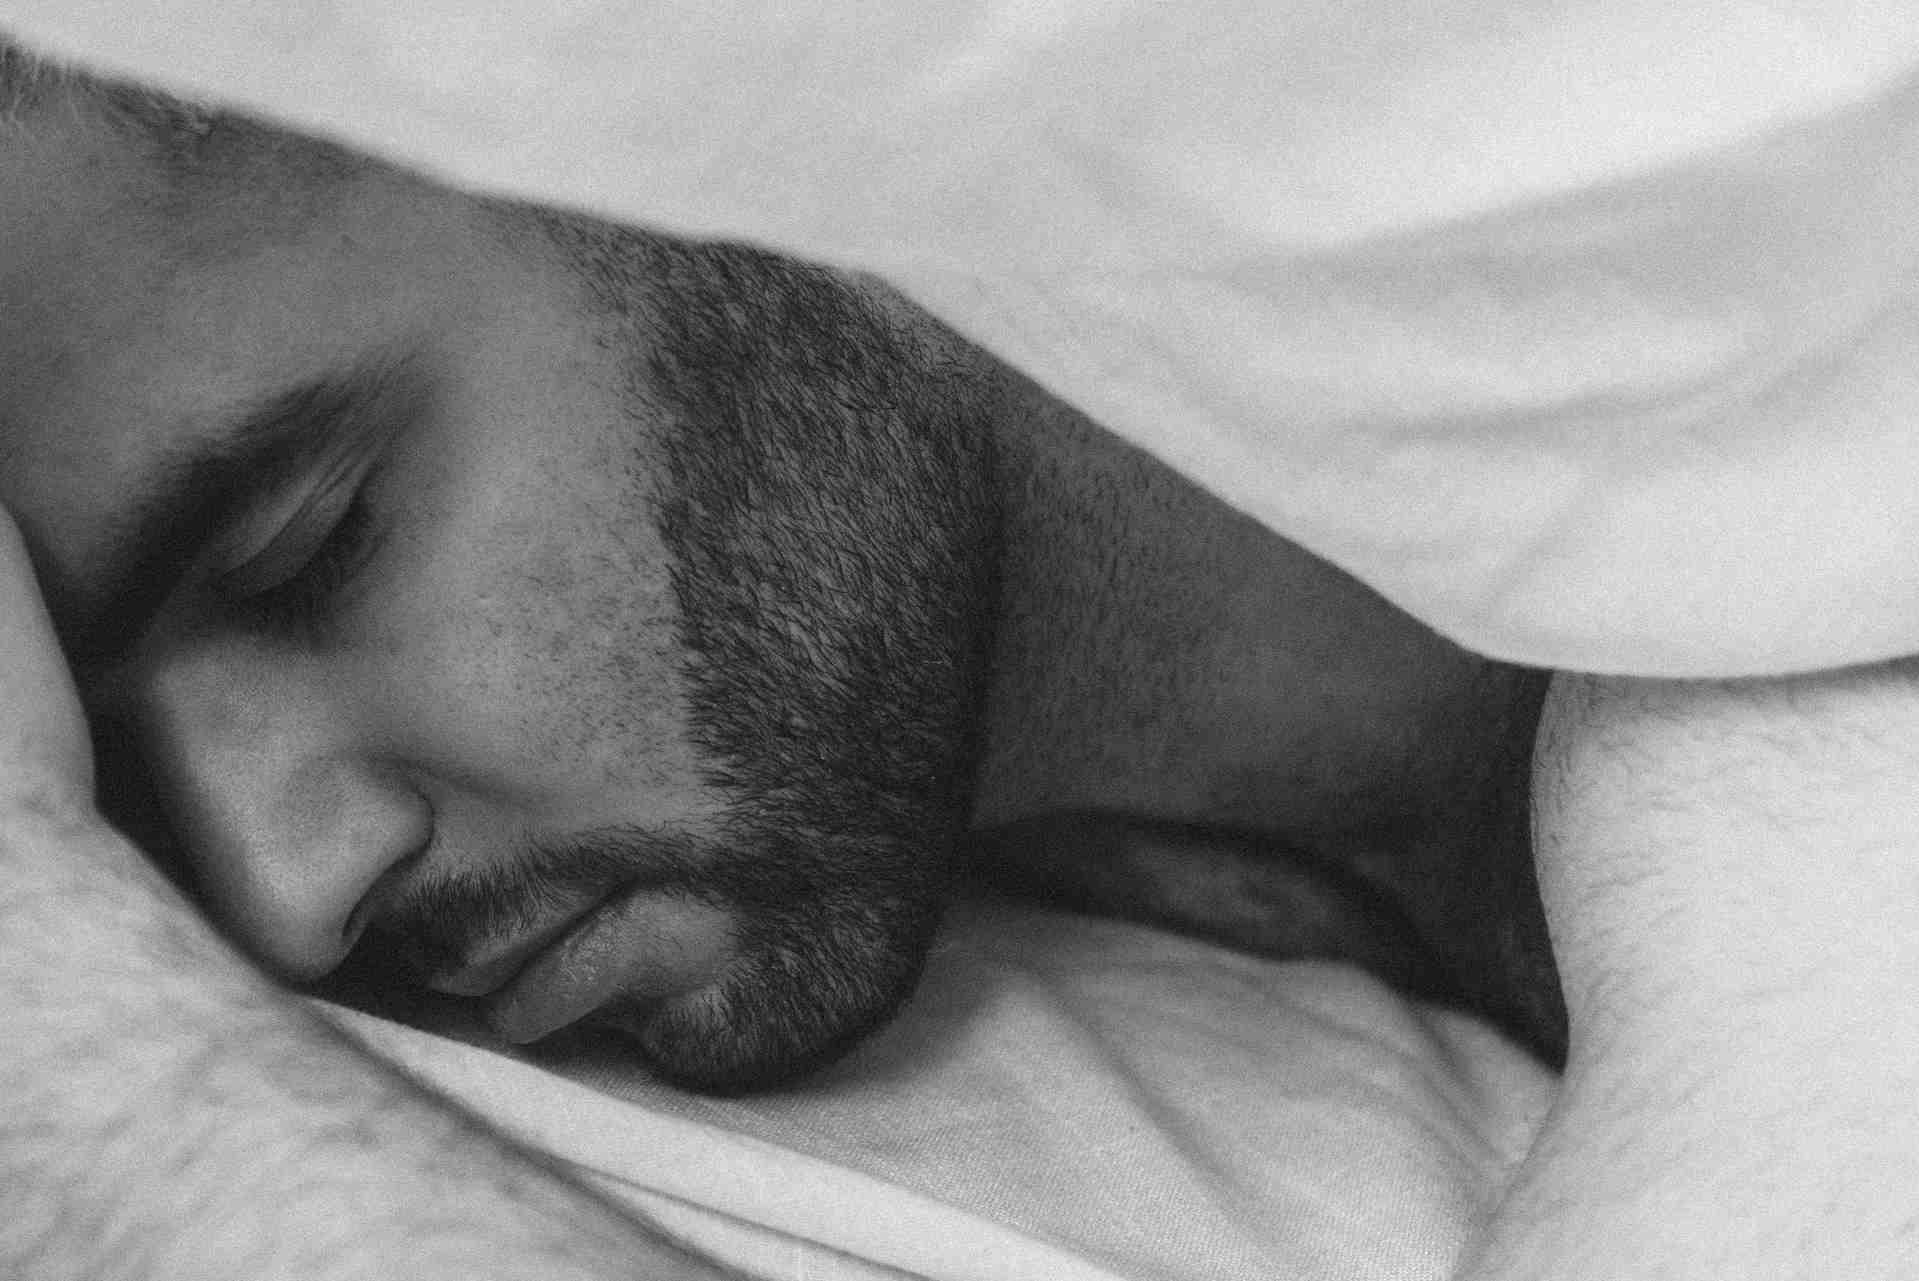 slaap slapen fitness training invloed